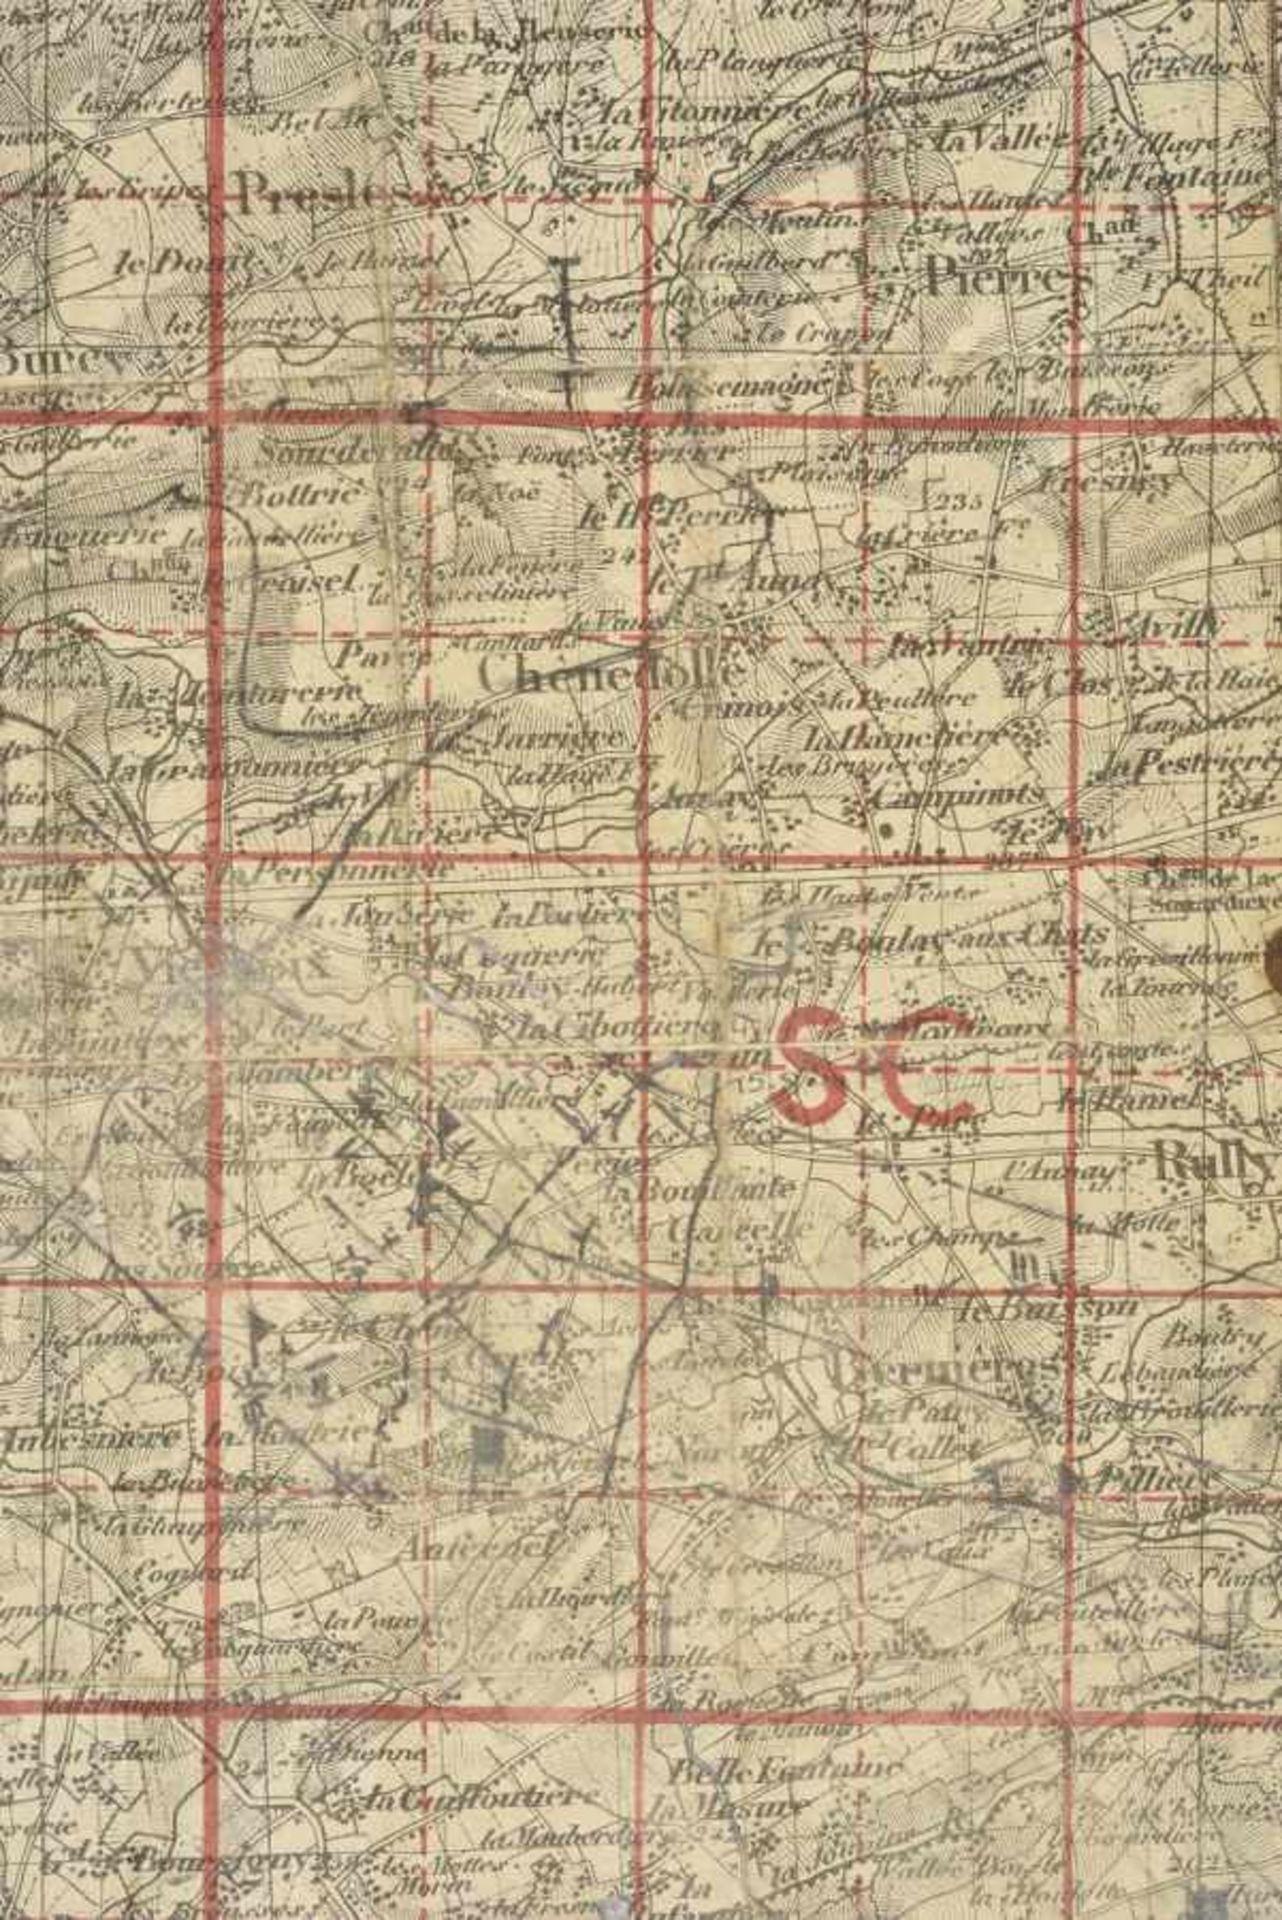 Carte d'Etat Major du secteur de Chênedollé, lieu d'un important combat de blindés entre Willy Fey - Bild 3 aus 4